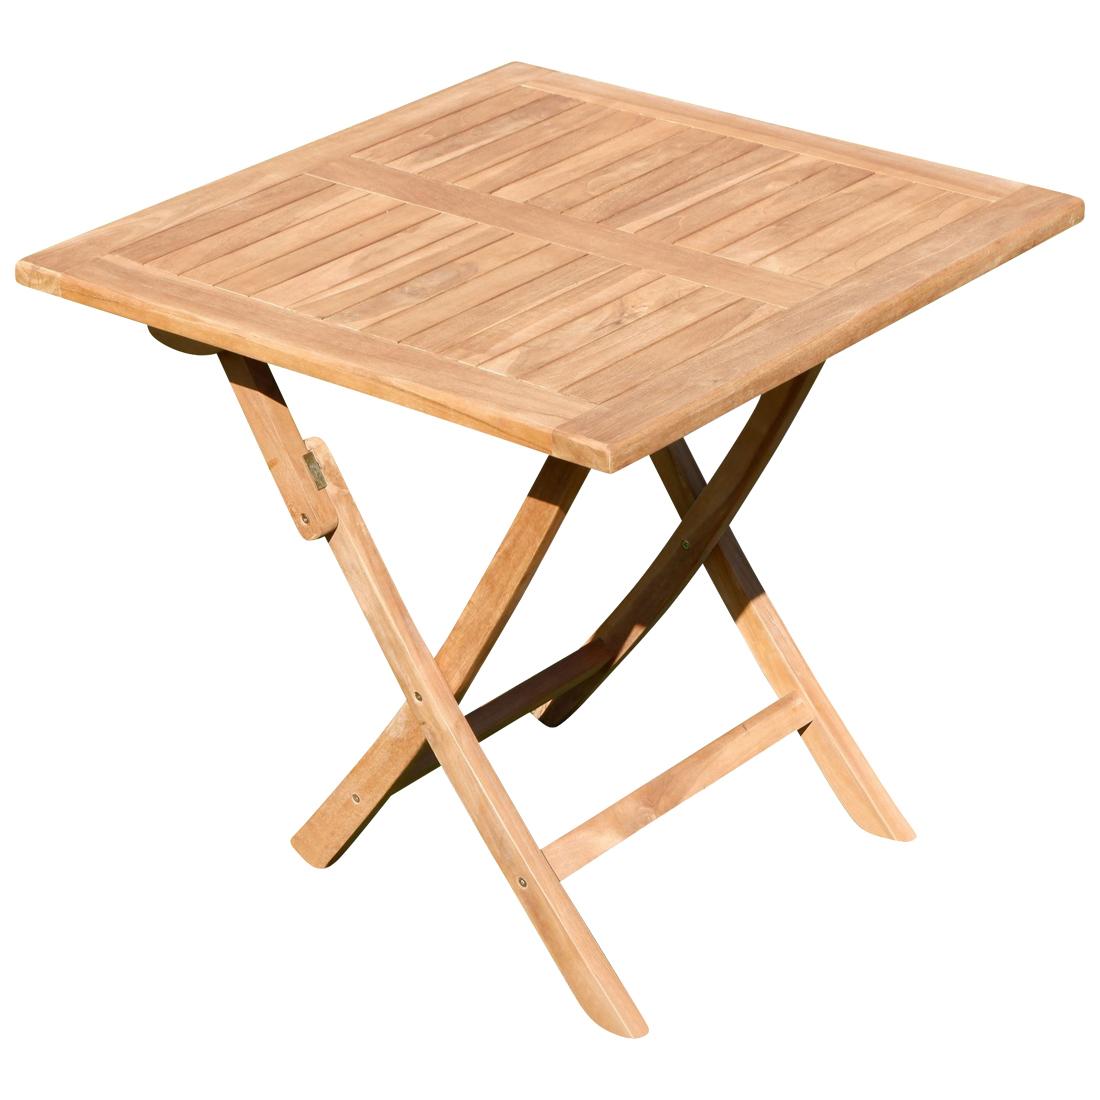 Klapptisch Für Garten.Echt Teak Klapptisch Holztisch Gartentisch Garten Tisch 80x80 Cm Jav Aves Holz